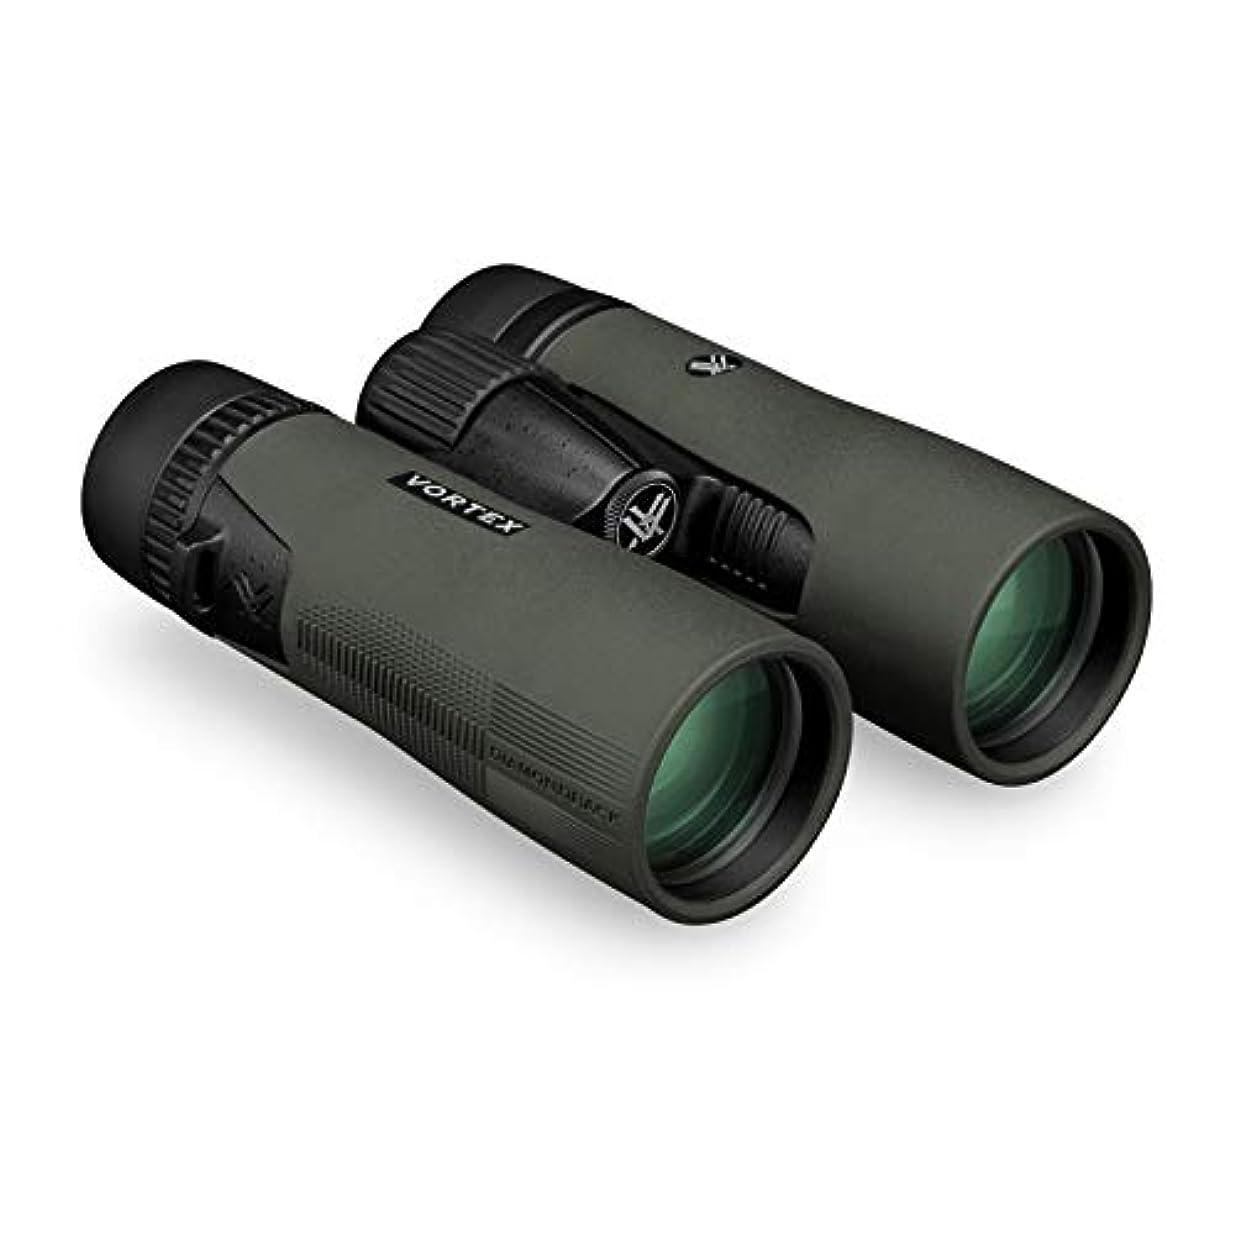 スリル空フィードバック[Vortex Optics] [高倍率 双眼鏡 フリーフォーカス 望遠鏡 ダイアモンドバック Diamondback Roof Prism Binoculars] (並行輸入品)